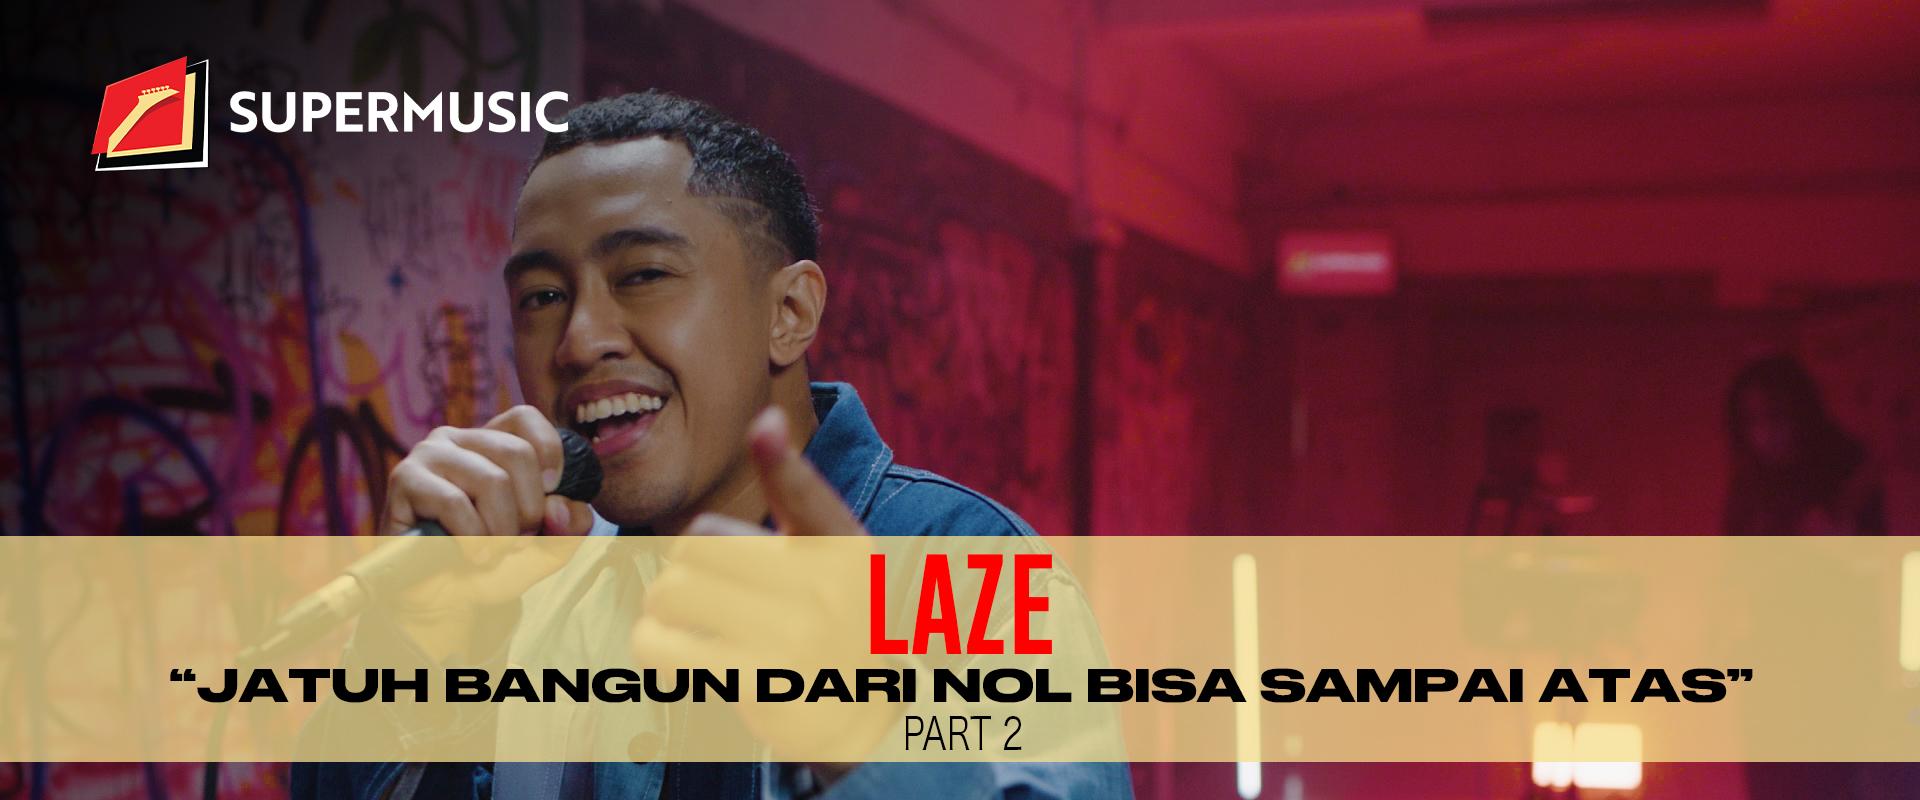 Laze Part 2